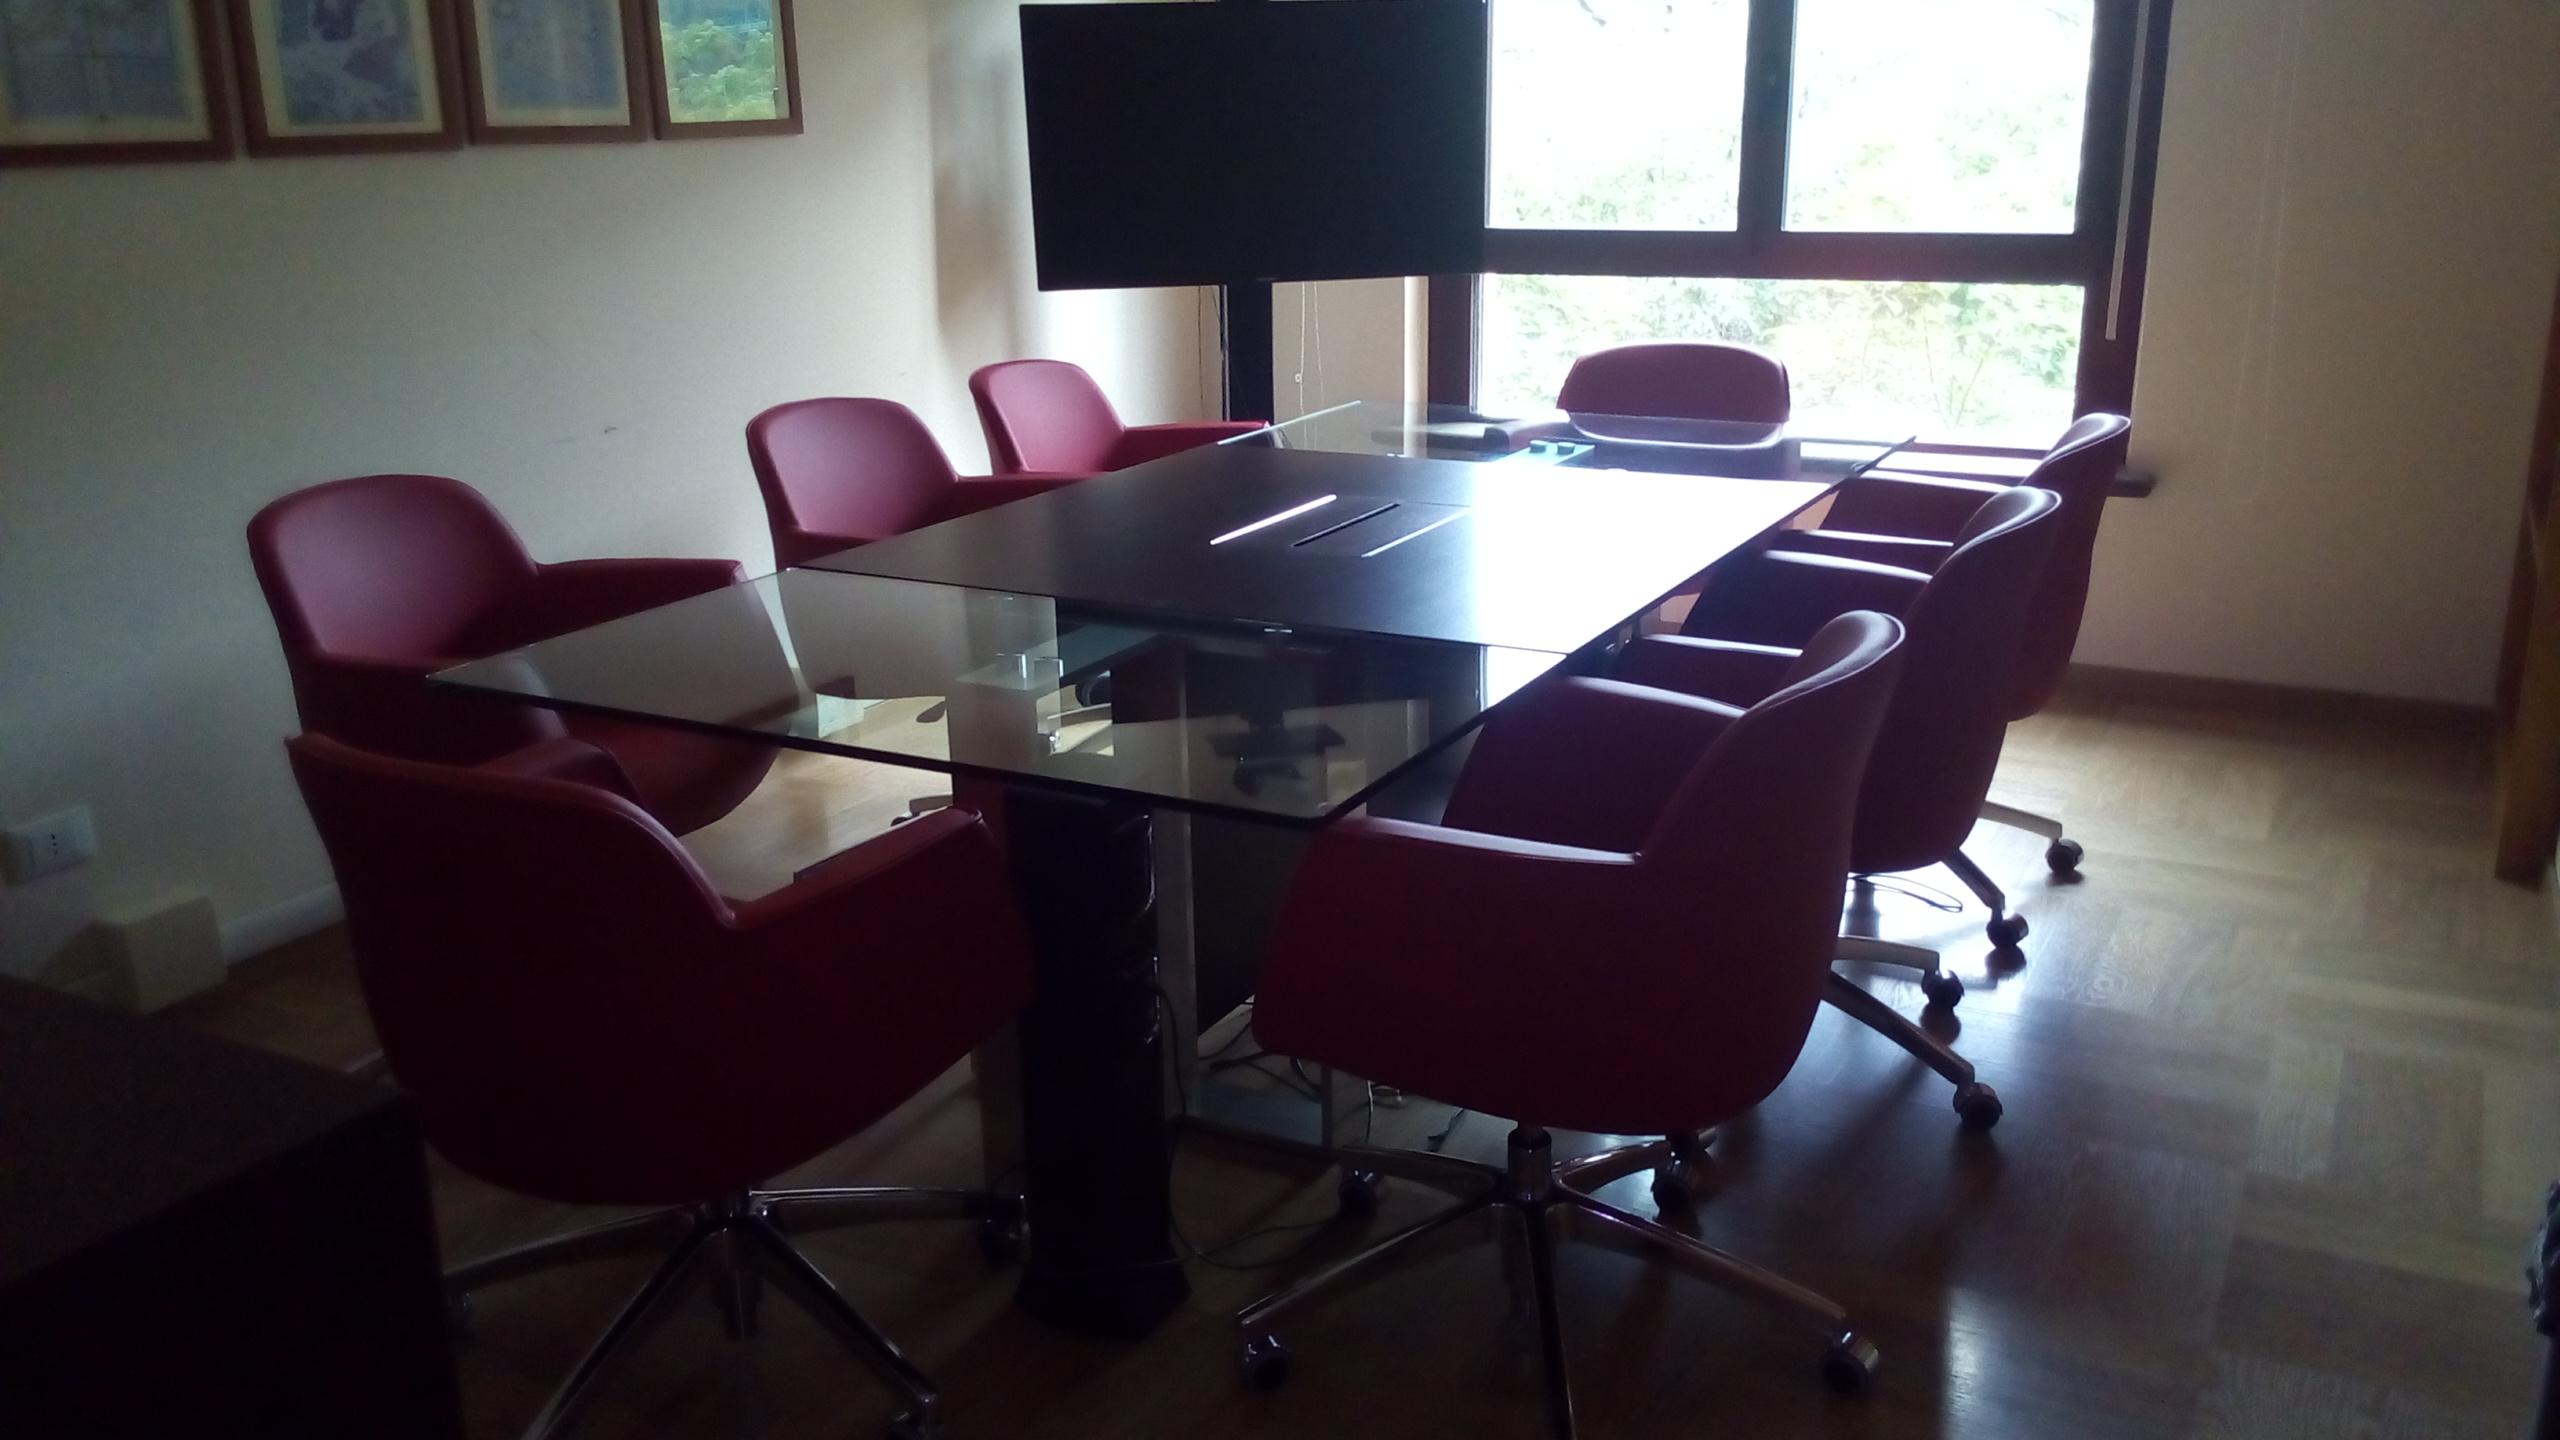 Arredo Ufficio Qualità : Arredi ufficio a palermo per la sede pwc effepi arredi